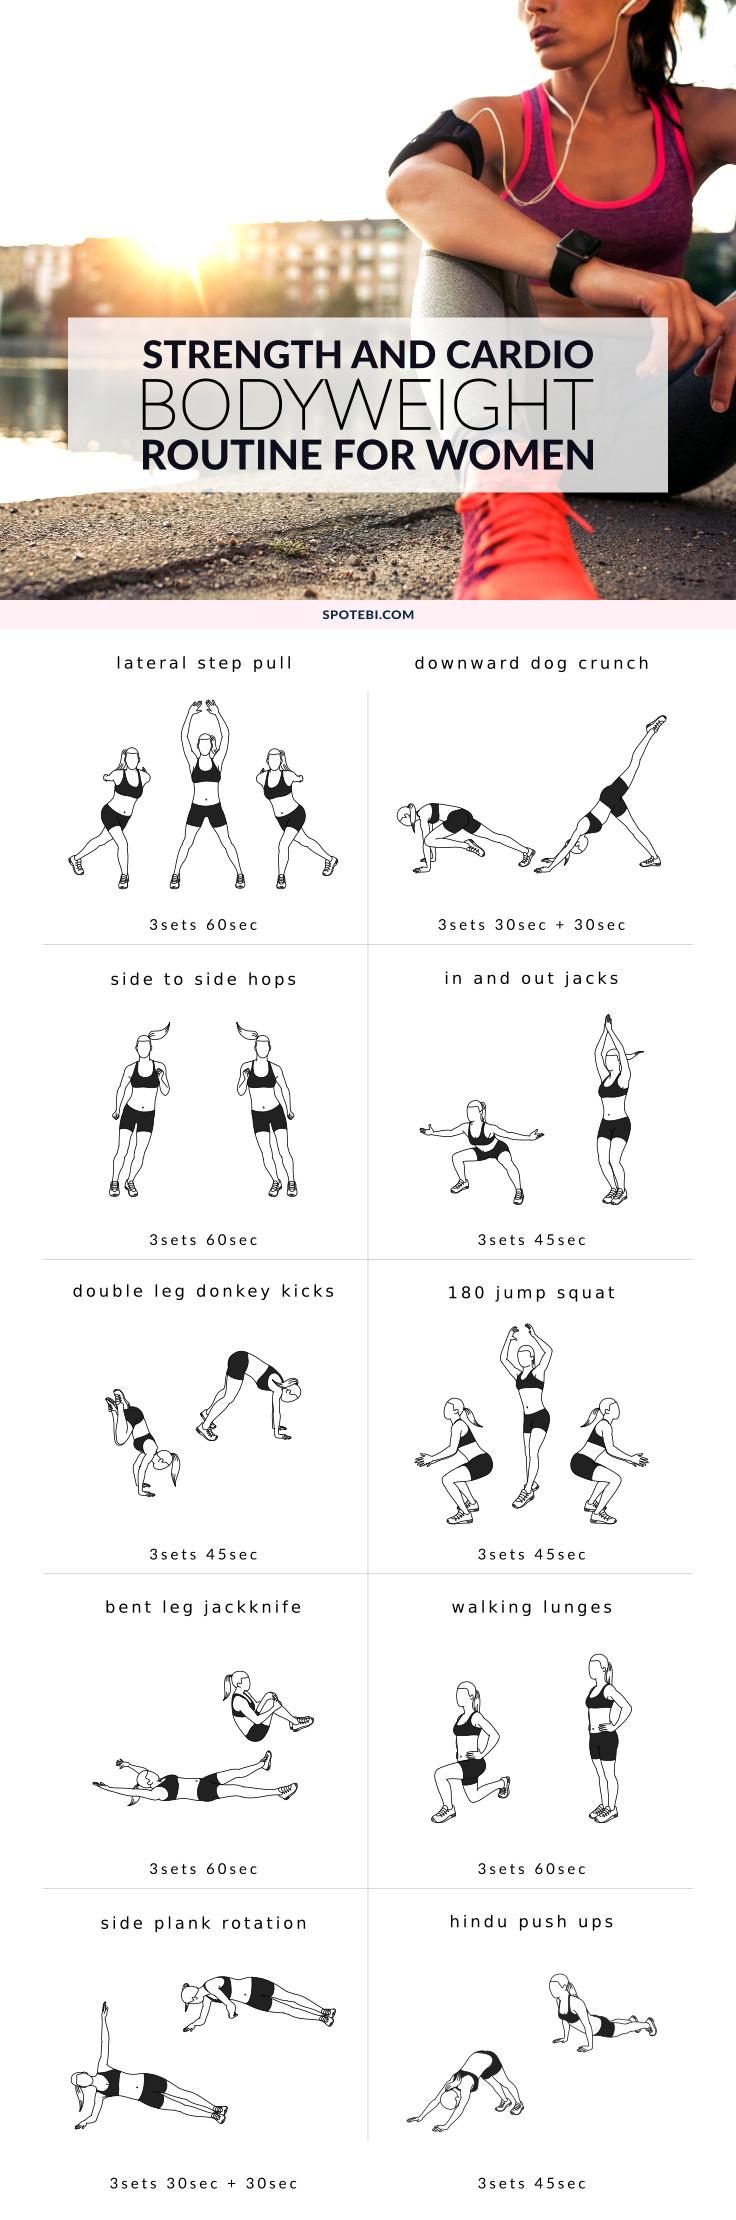 Full Body Tabata Strength Workout Full Body Tabata Strength Workout new photo